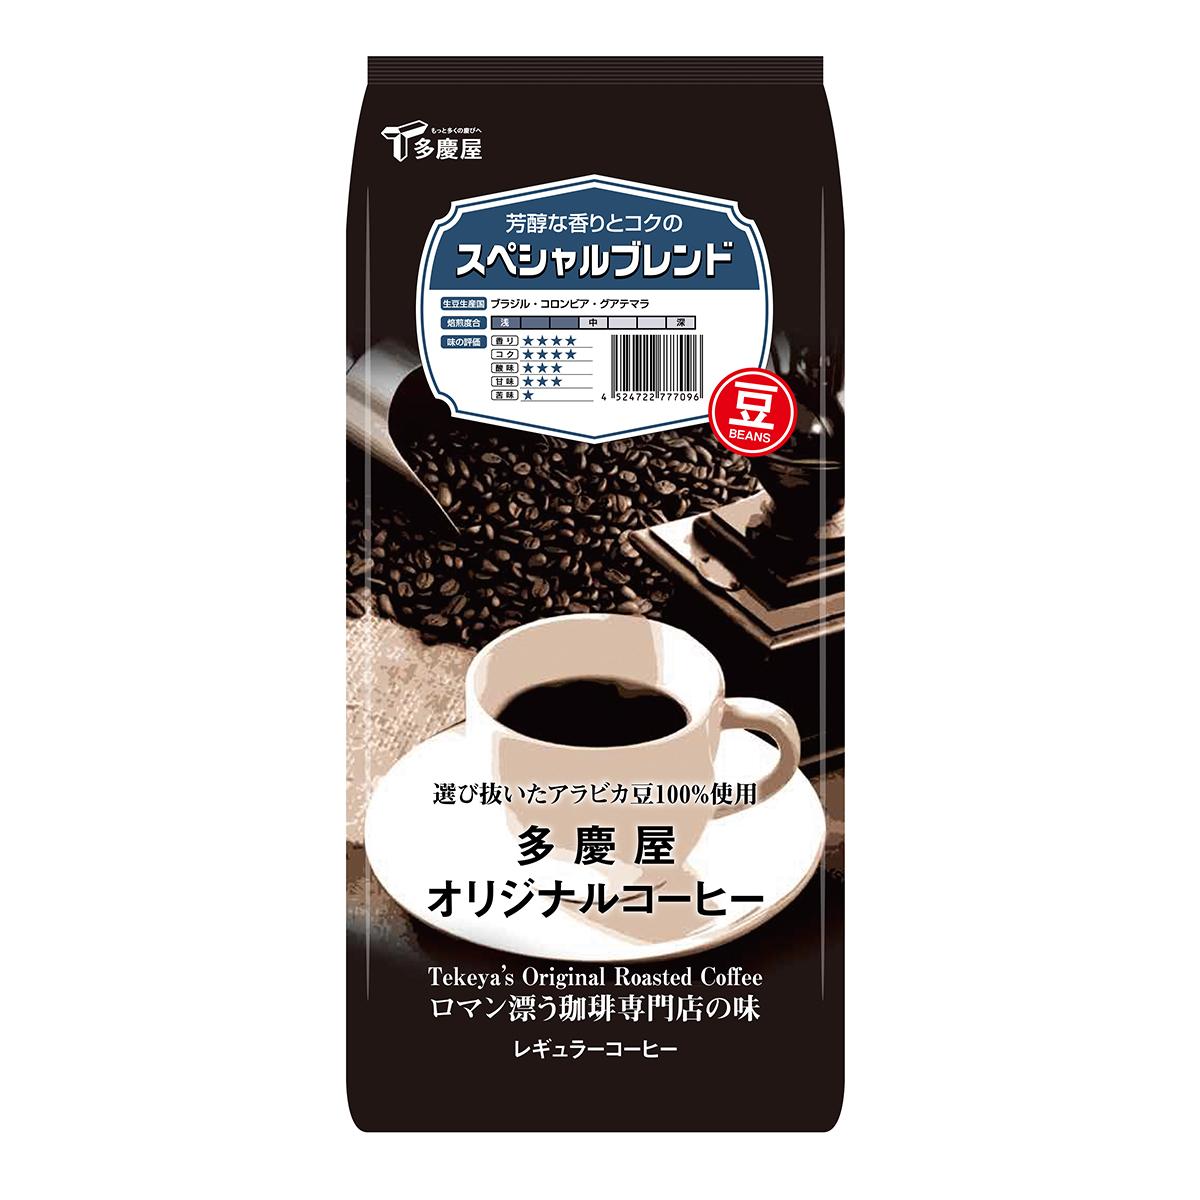 スペシャルブレンド  豆 400g 多慶屋オリジナルコーヒー コーヒー豆 レギュラーコーヒー